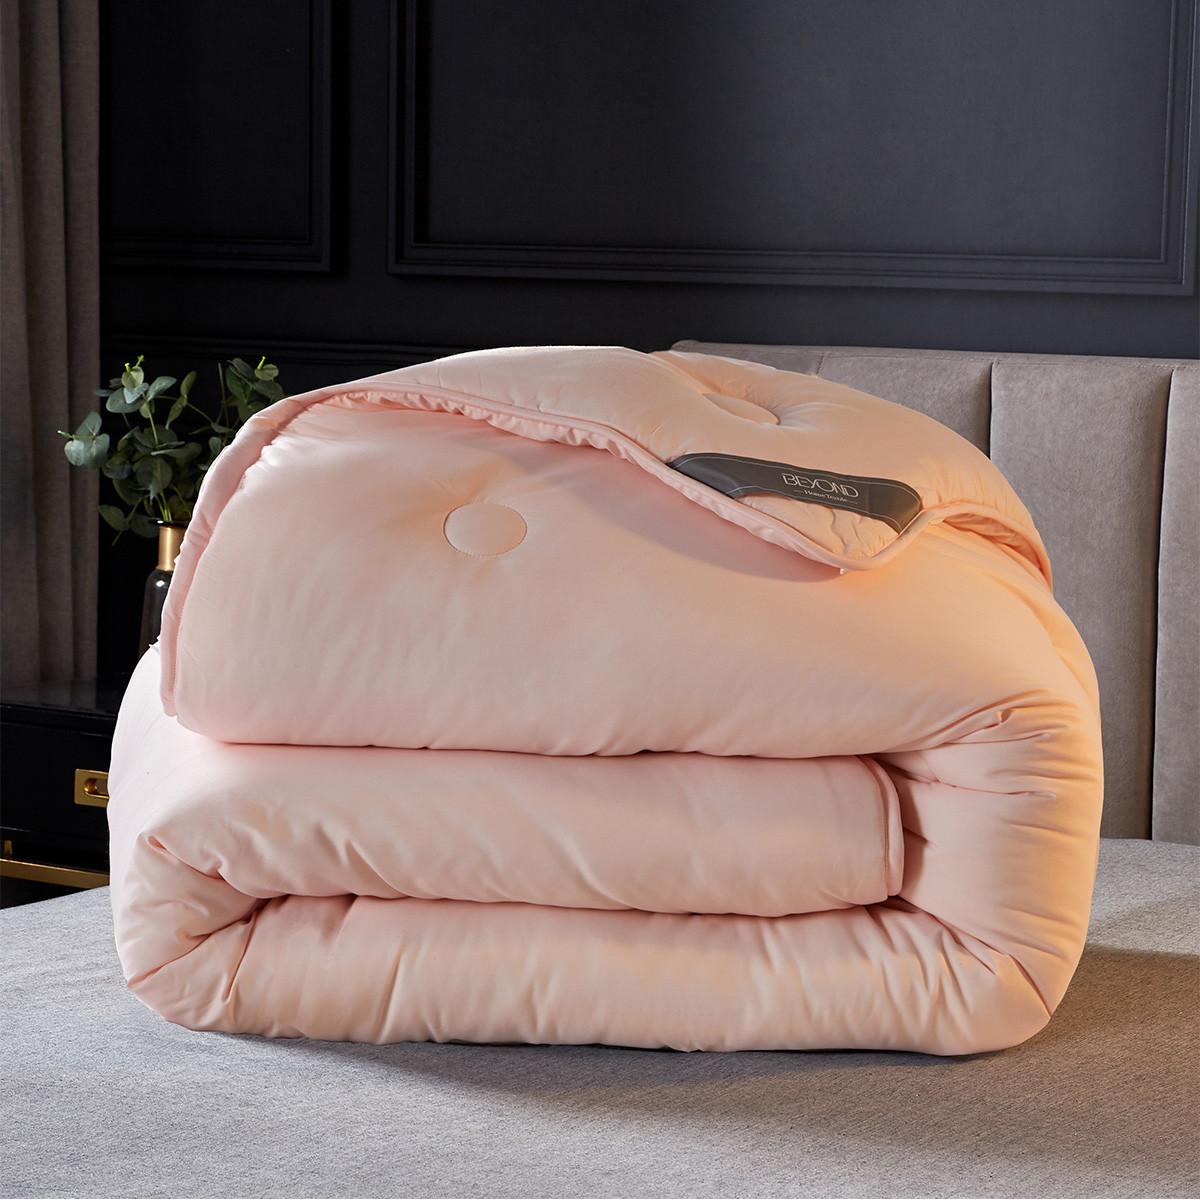 博洋家纺博洋大豆纤维被四季被加厚保暖秋冬被子被芯V919132233081